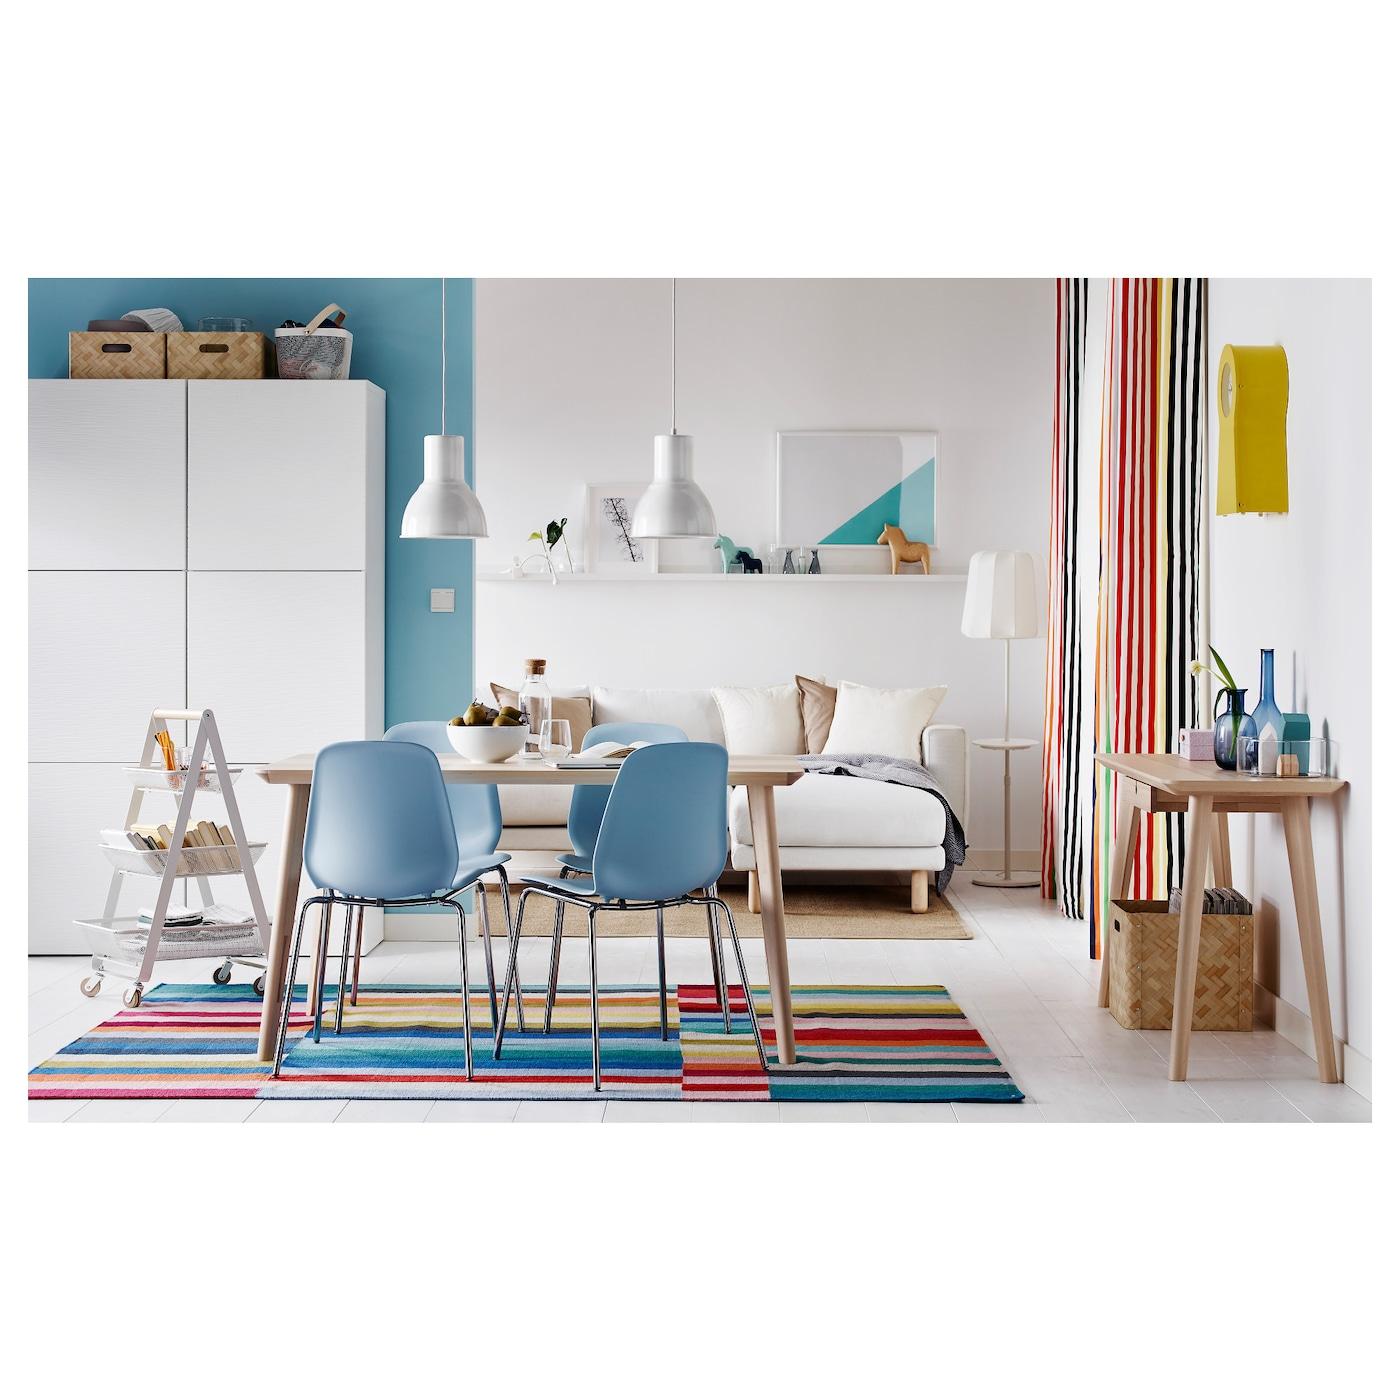 Lavare Tappeto Lana Ikea halved tappeto, tessitura piatta - fatto a mano fantasia 170x240 cm